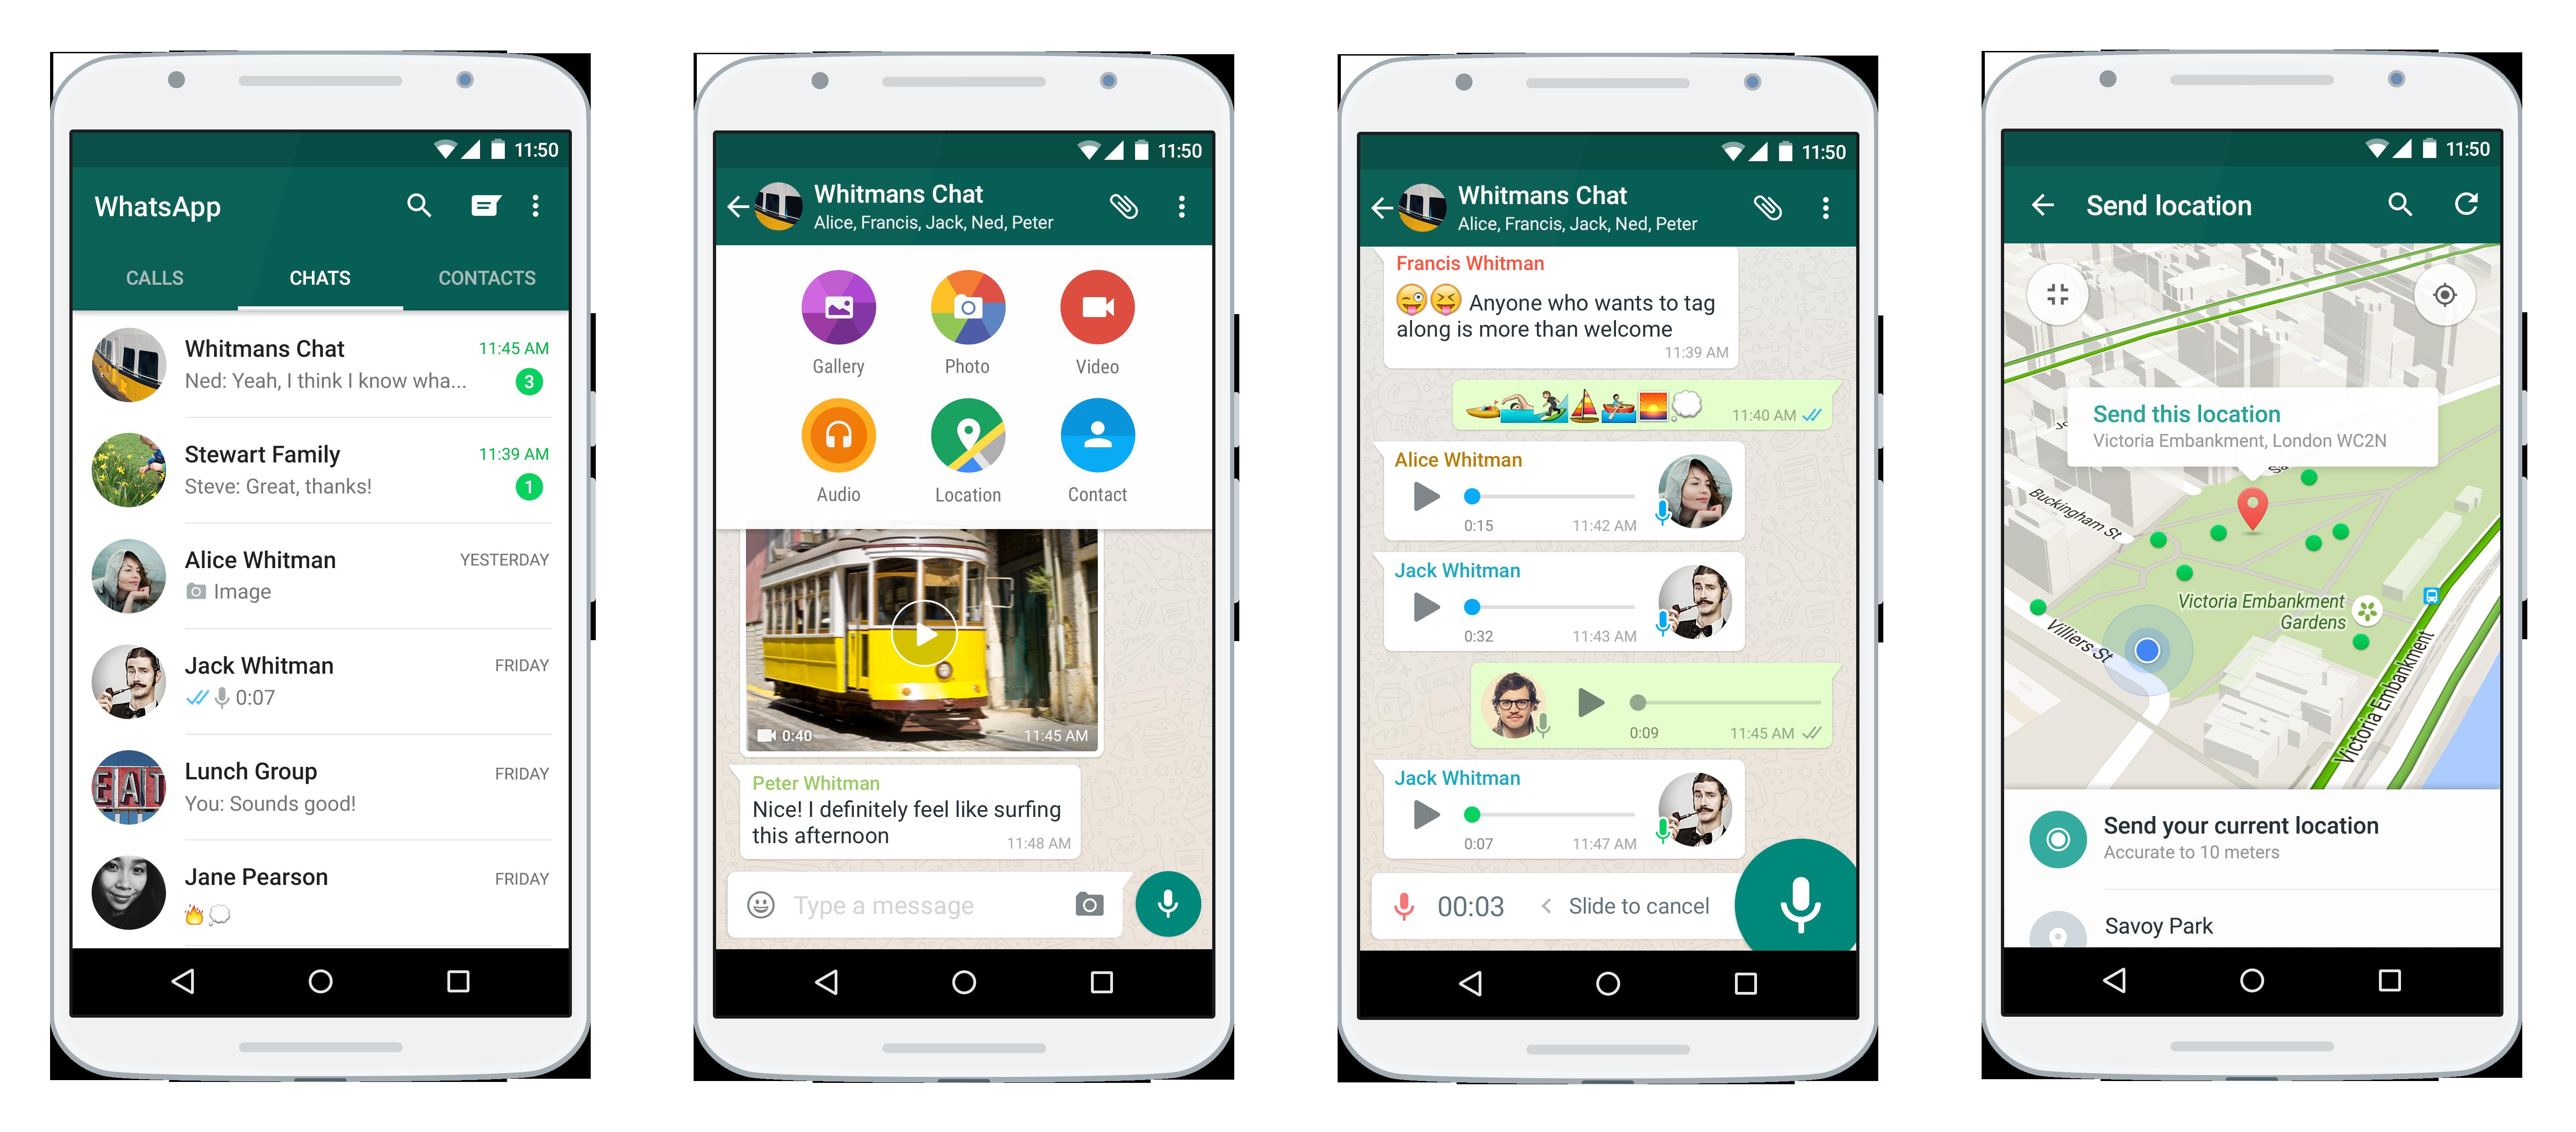 WhatsApp rich messaging